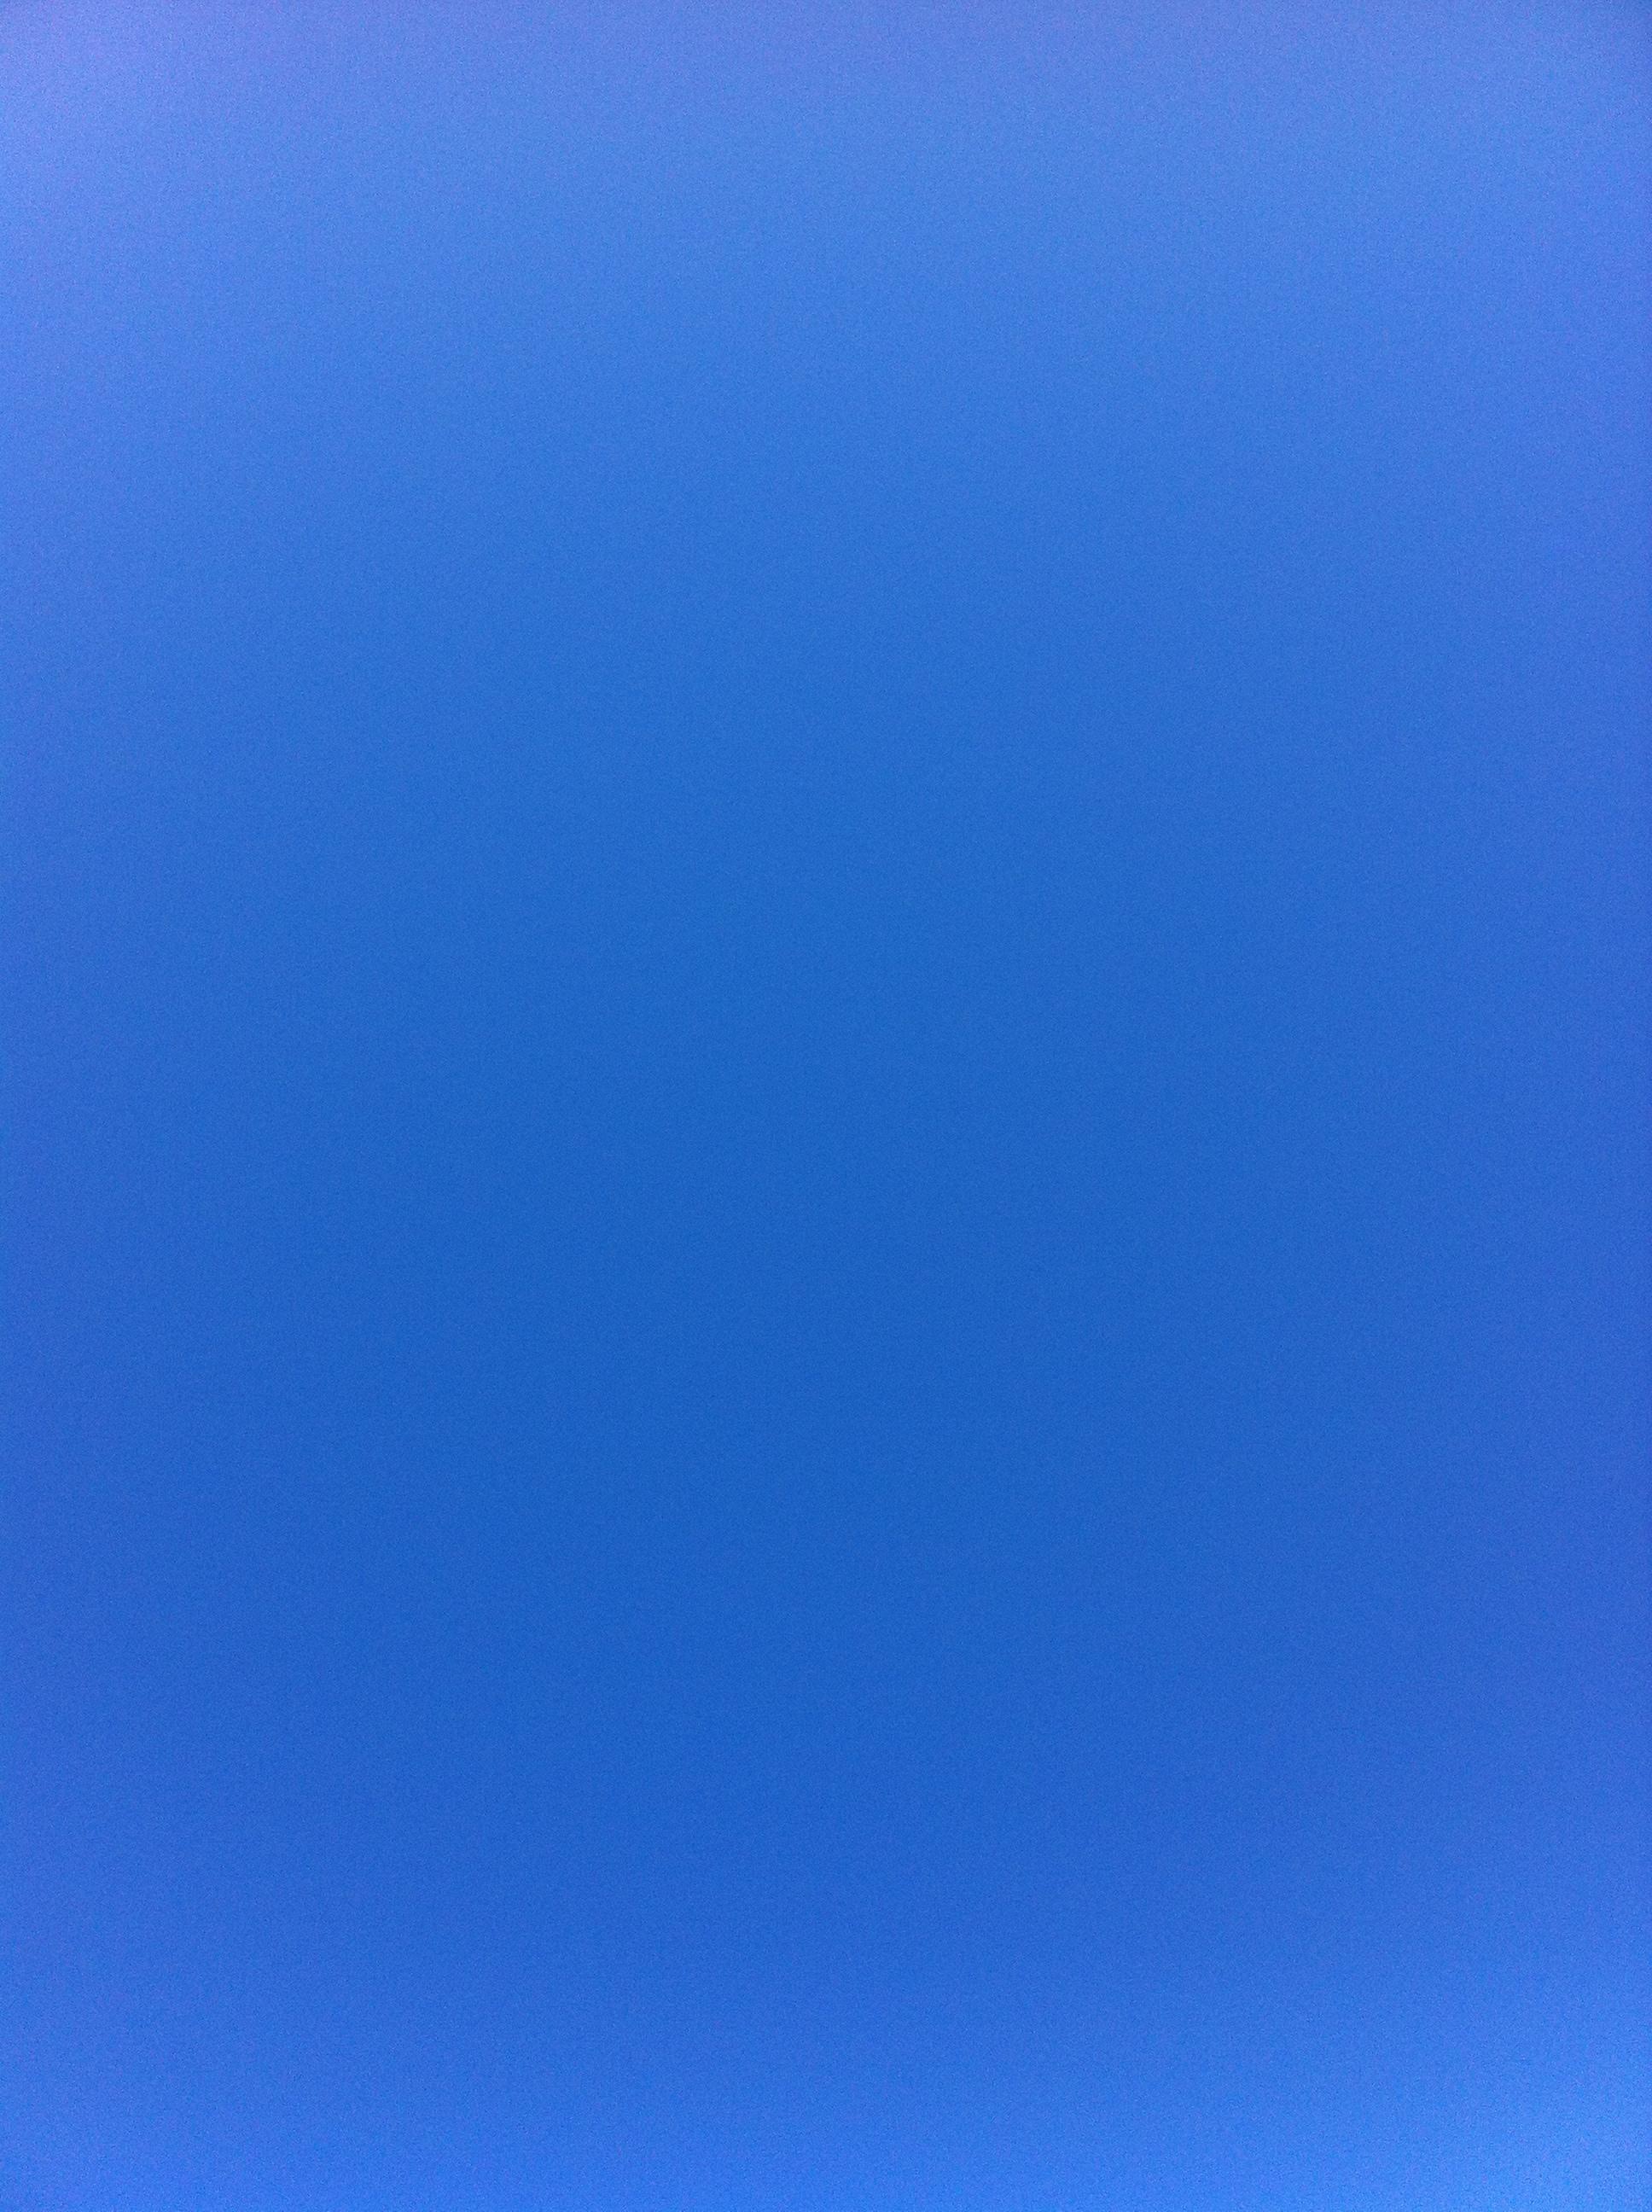 Sydney summer sky